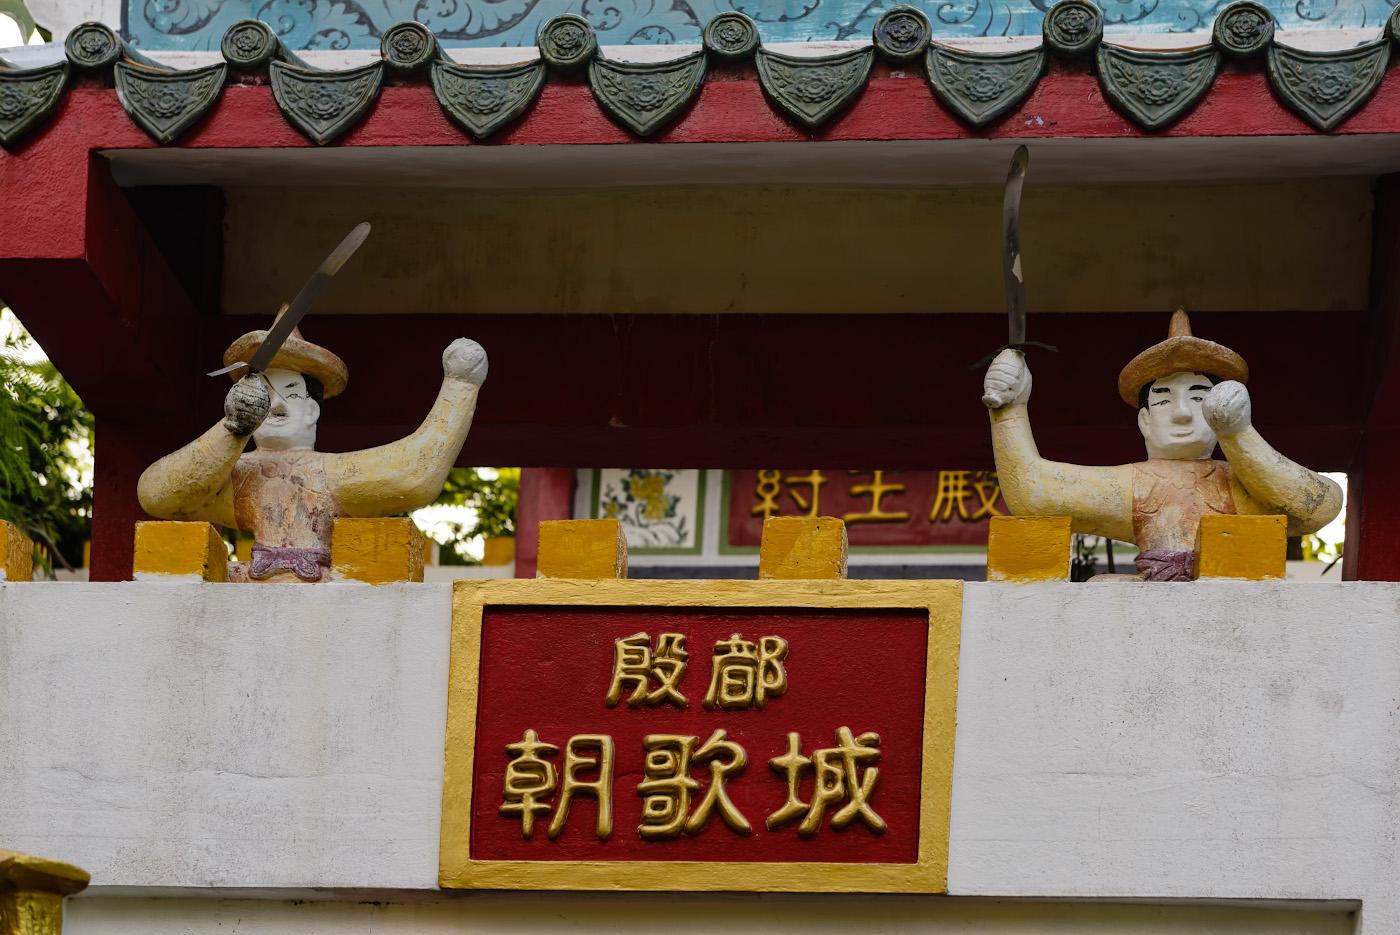 Фотография 4. Сценки из китайских сказаний в парке Wang Sam Sien на холме Пратамнак, рядом с Биг Буддой. Отзывы об интересных экскурсиях в Паттайе во время отдыха в Таиланде самостоятельно. 1/160, -0.33, 5.0, 100, 58.